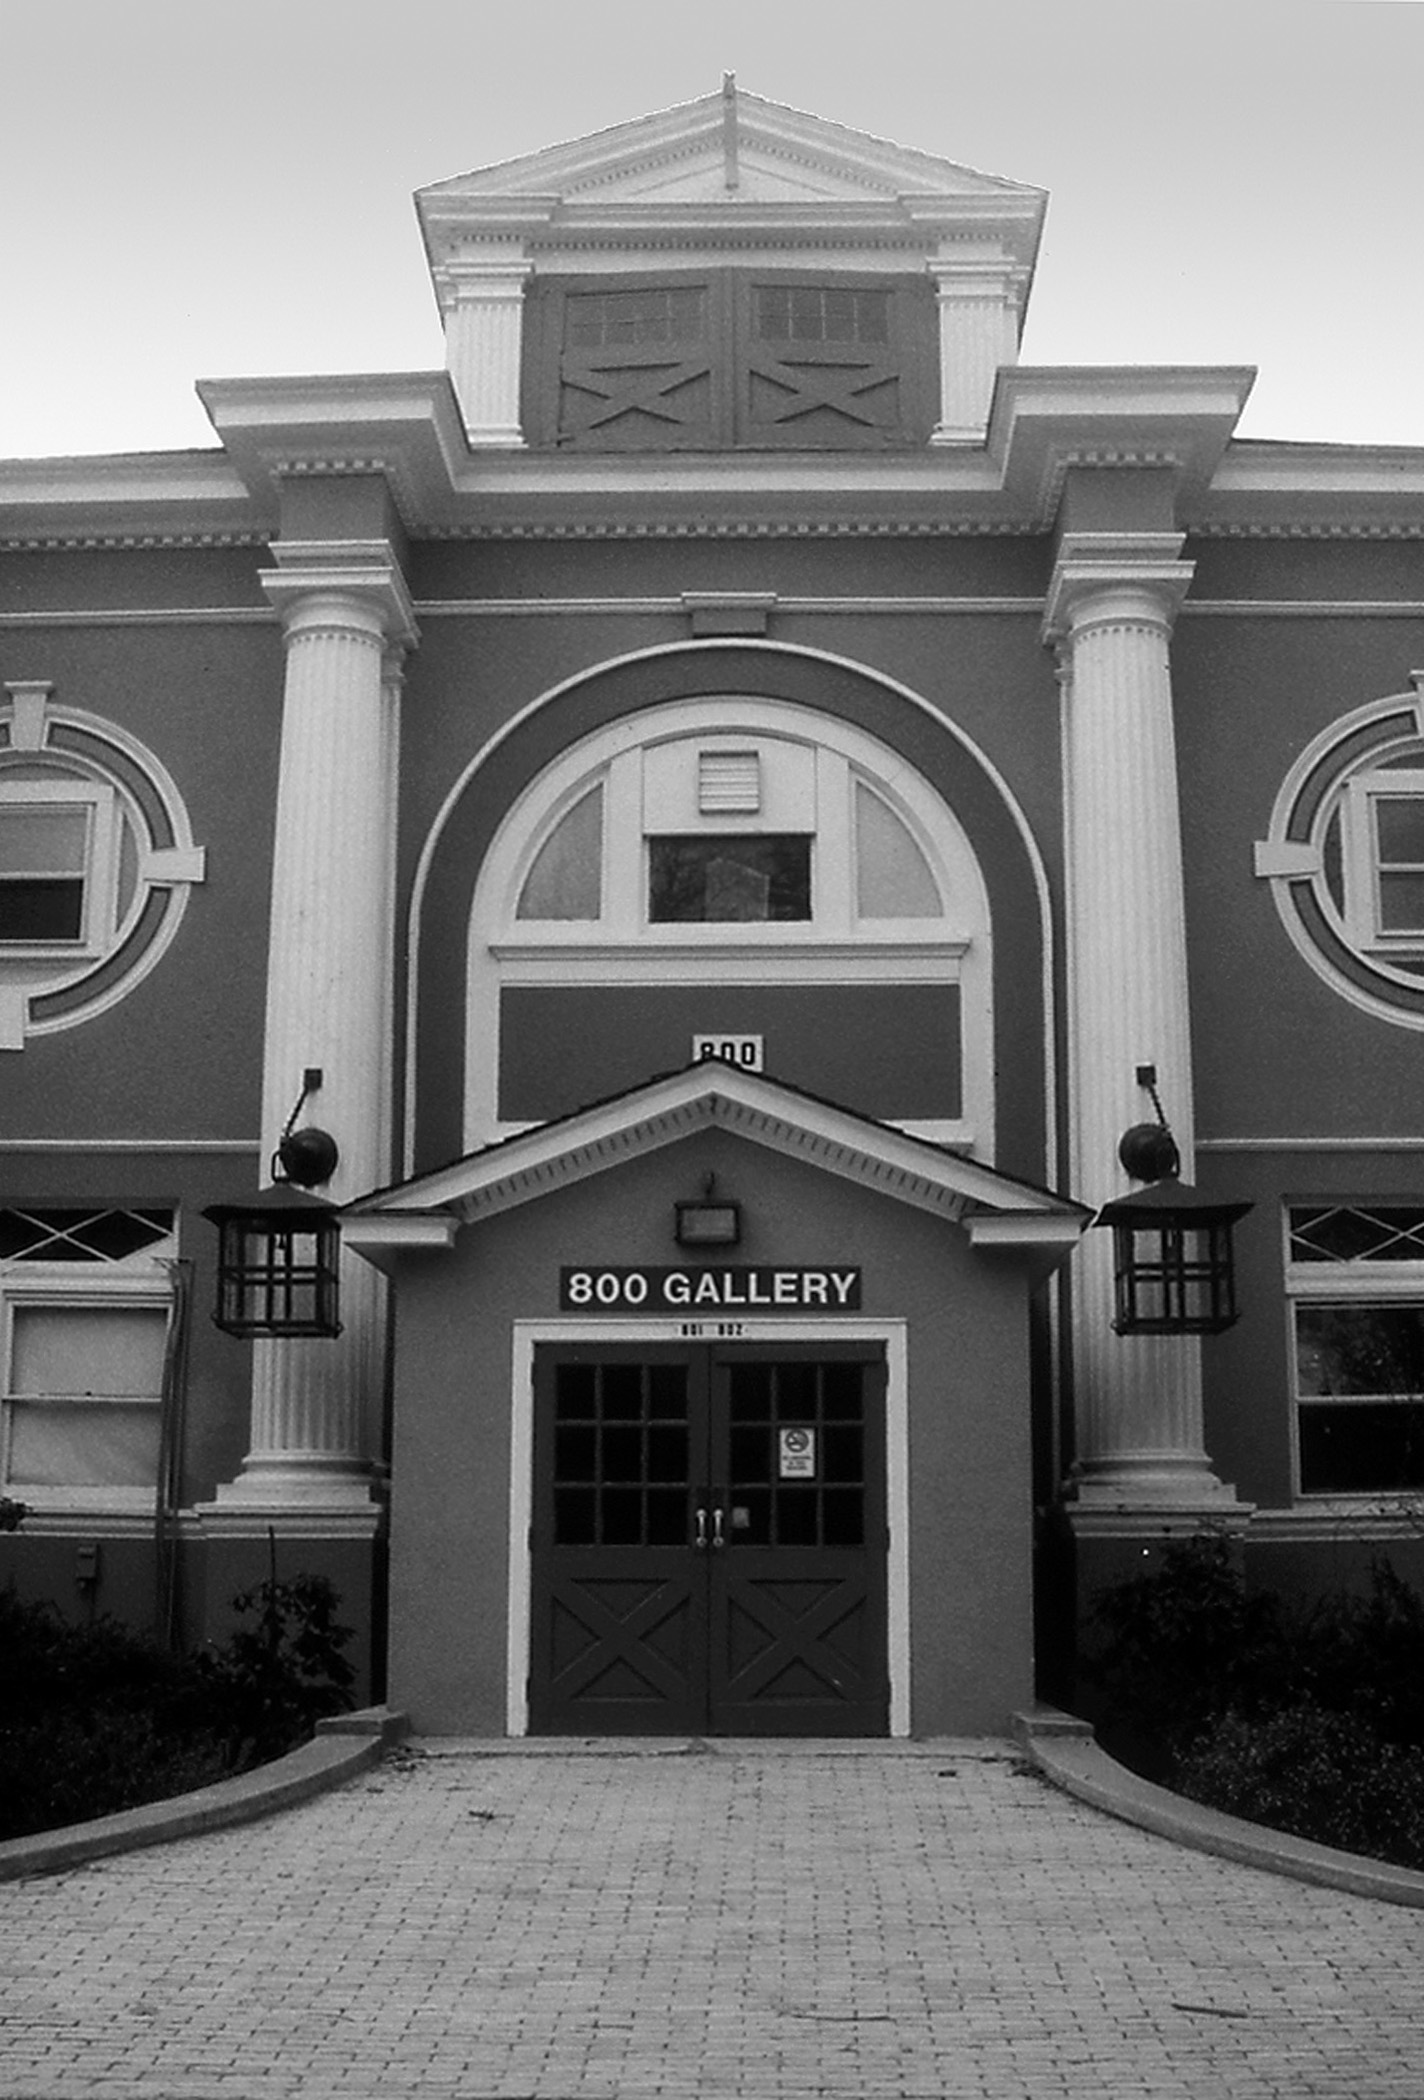 800 Gallery 1.jpg